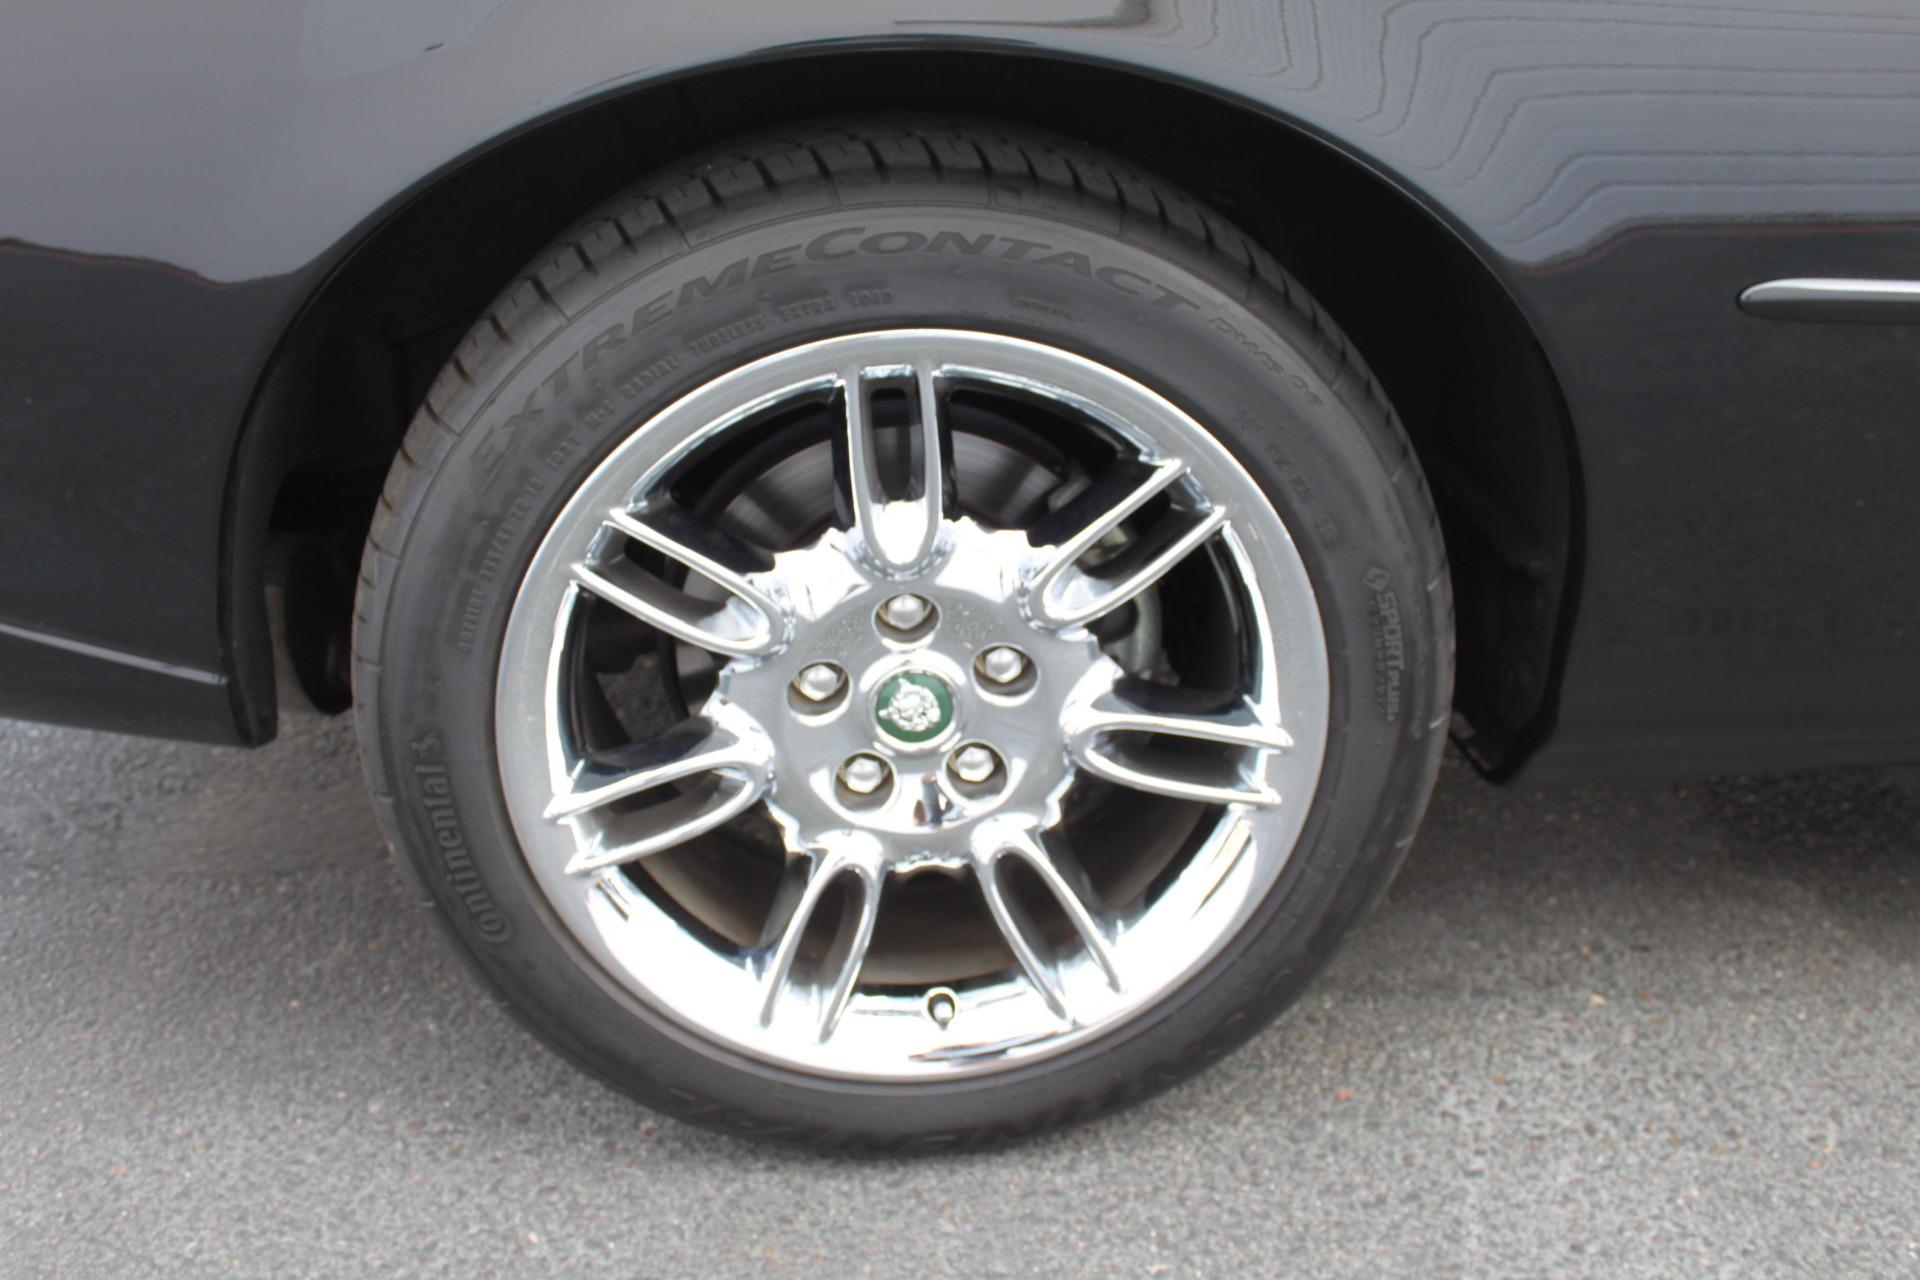 Used-2002-Jaguar-XK8-Convertible-XK8-Fiat